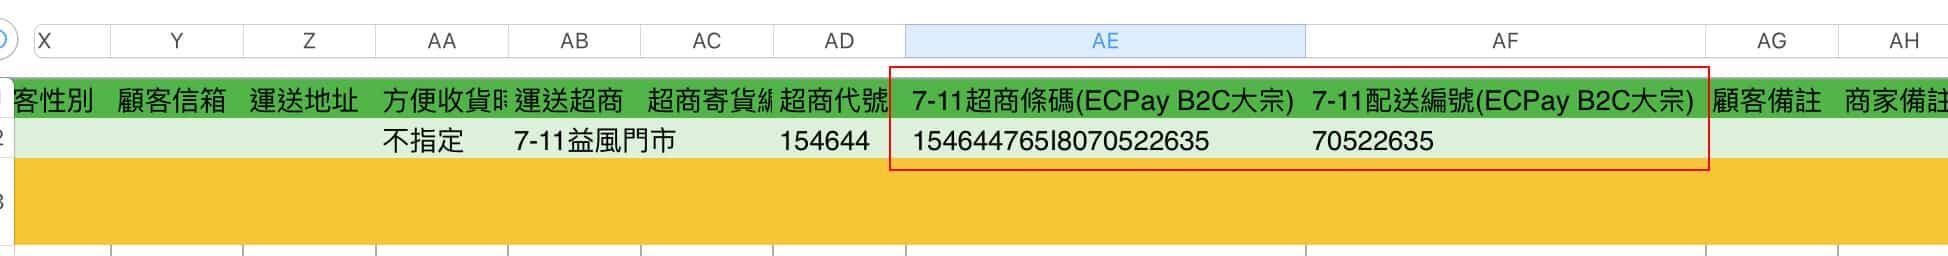 綠界科技ECPay B2C 7-11超商條碼 配送編號